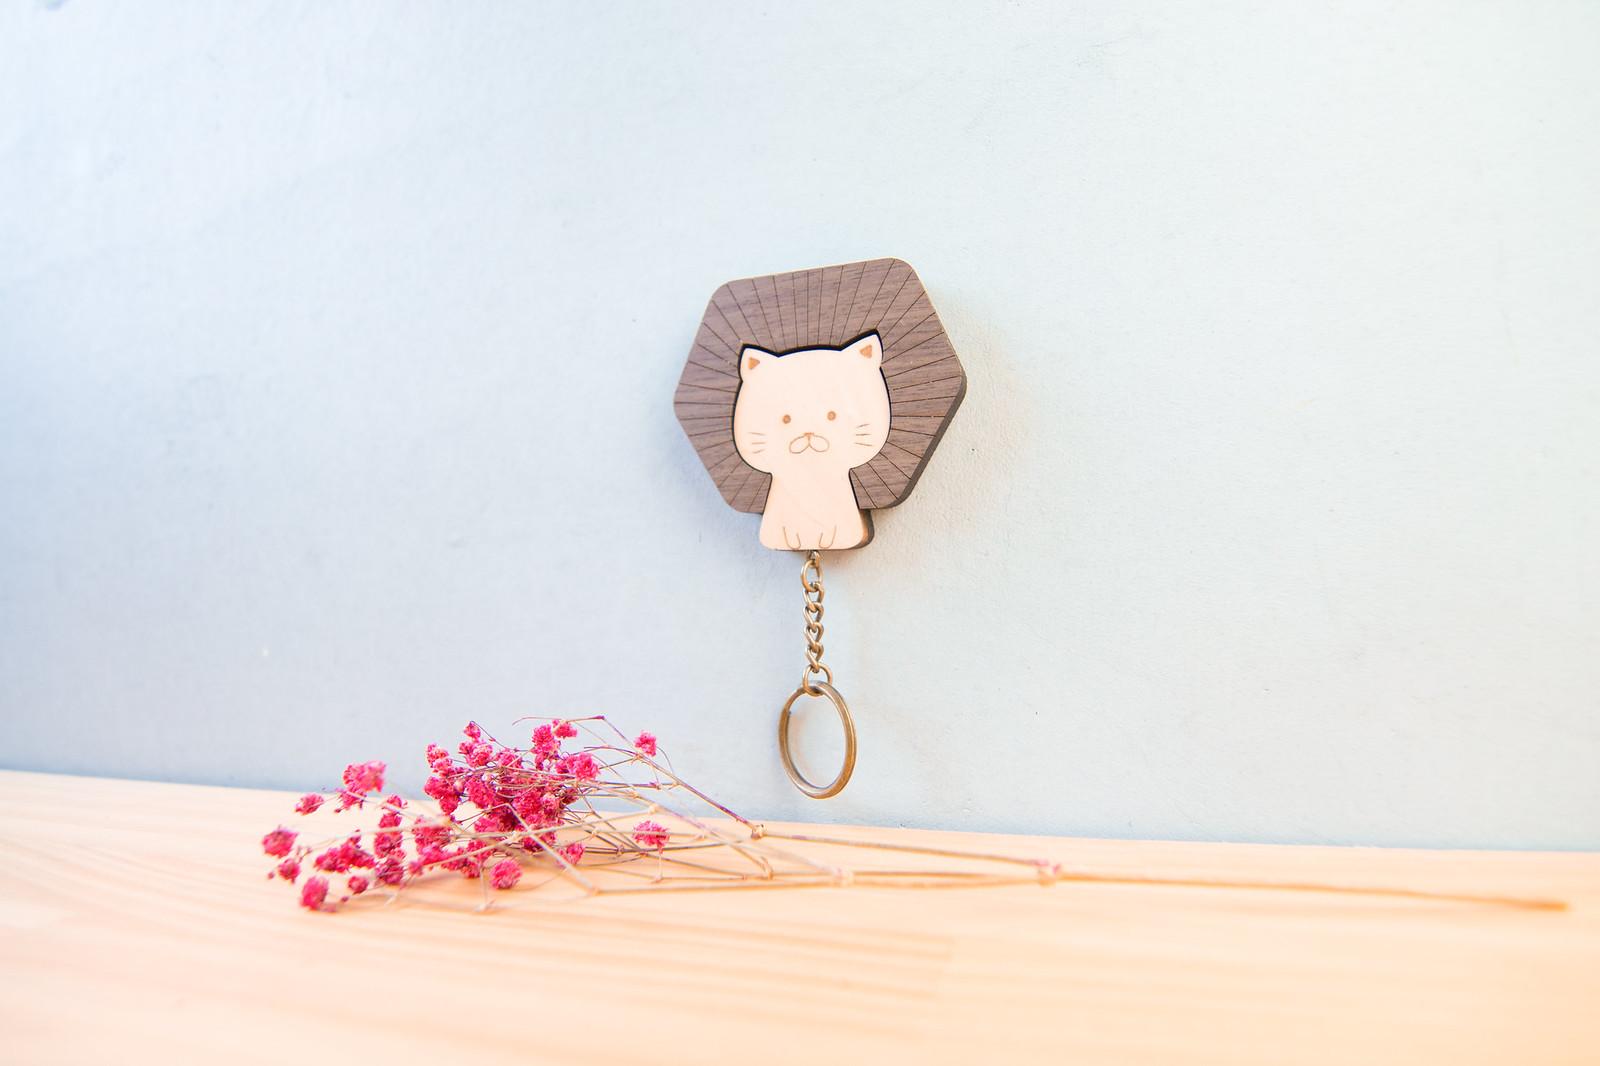 鑰匙圈 客製化 禮物 特色產品 居家 台灣設計 生日 情人節 動物 療癒 獅子 貓咪 喵 聖誕節 收納 裝飾 吊飾 送禮 中性 木 楓木 胡桃木 鑰匙